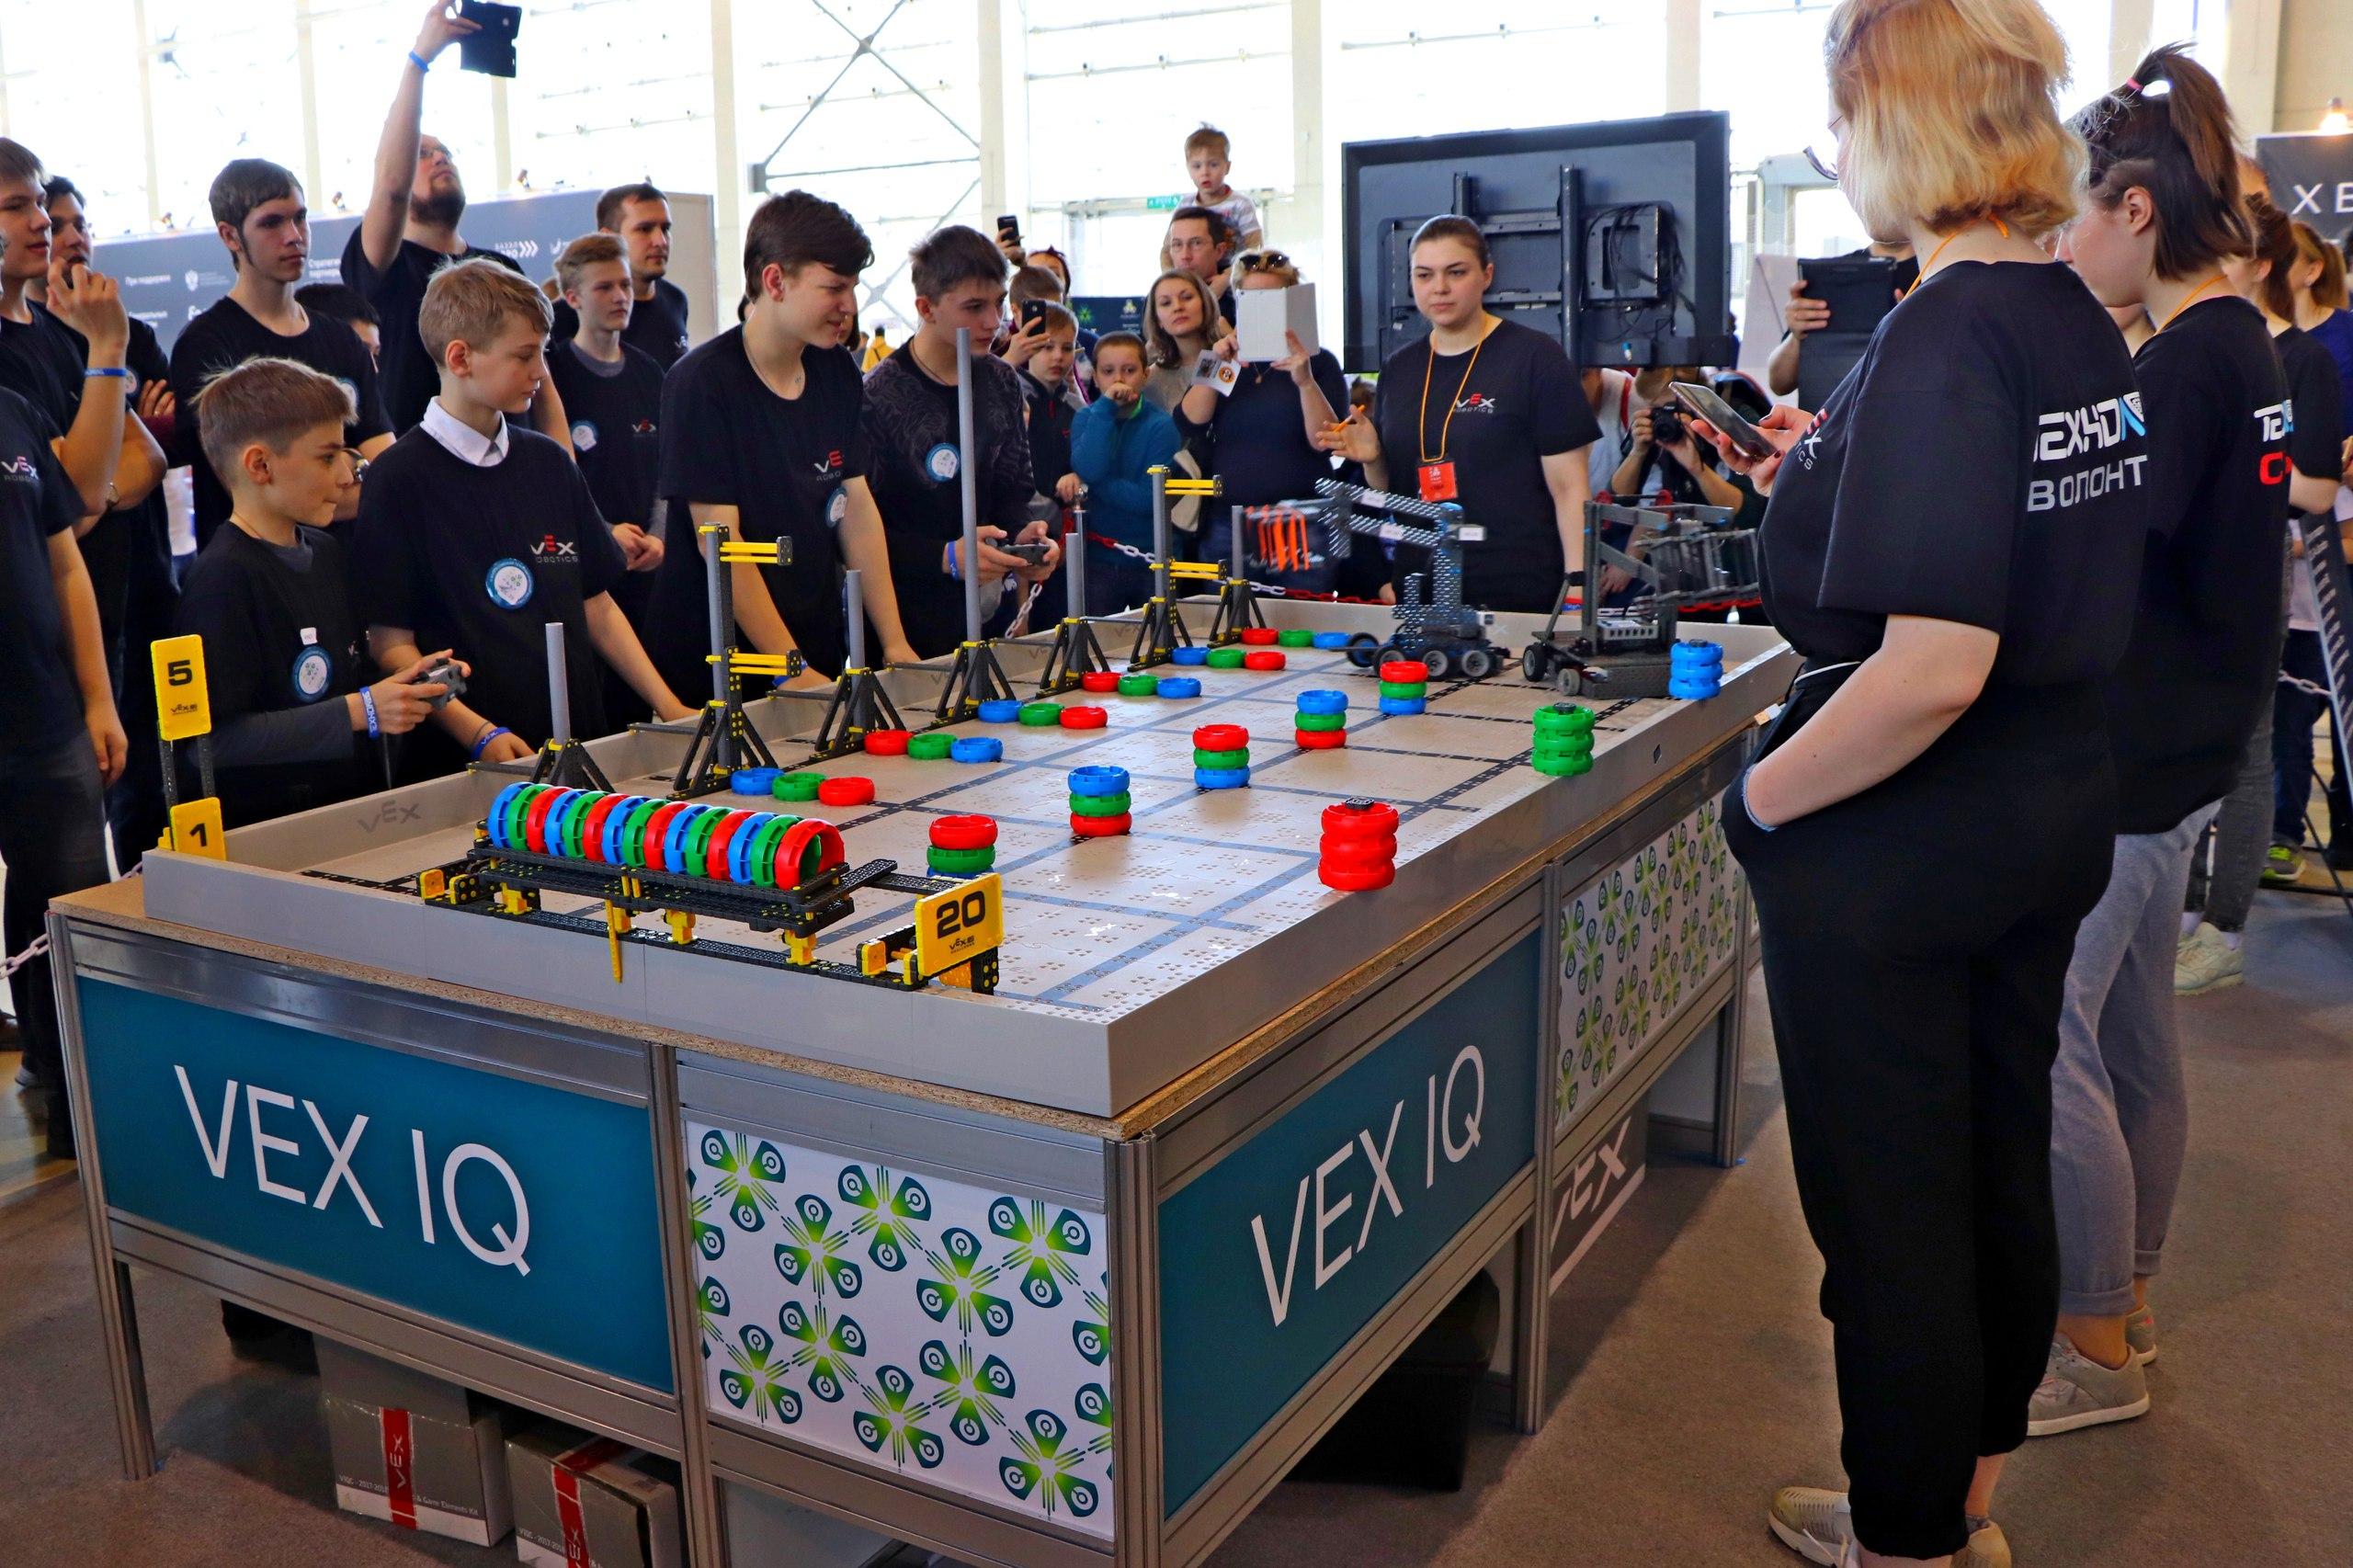 Робототехника Vex